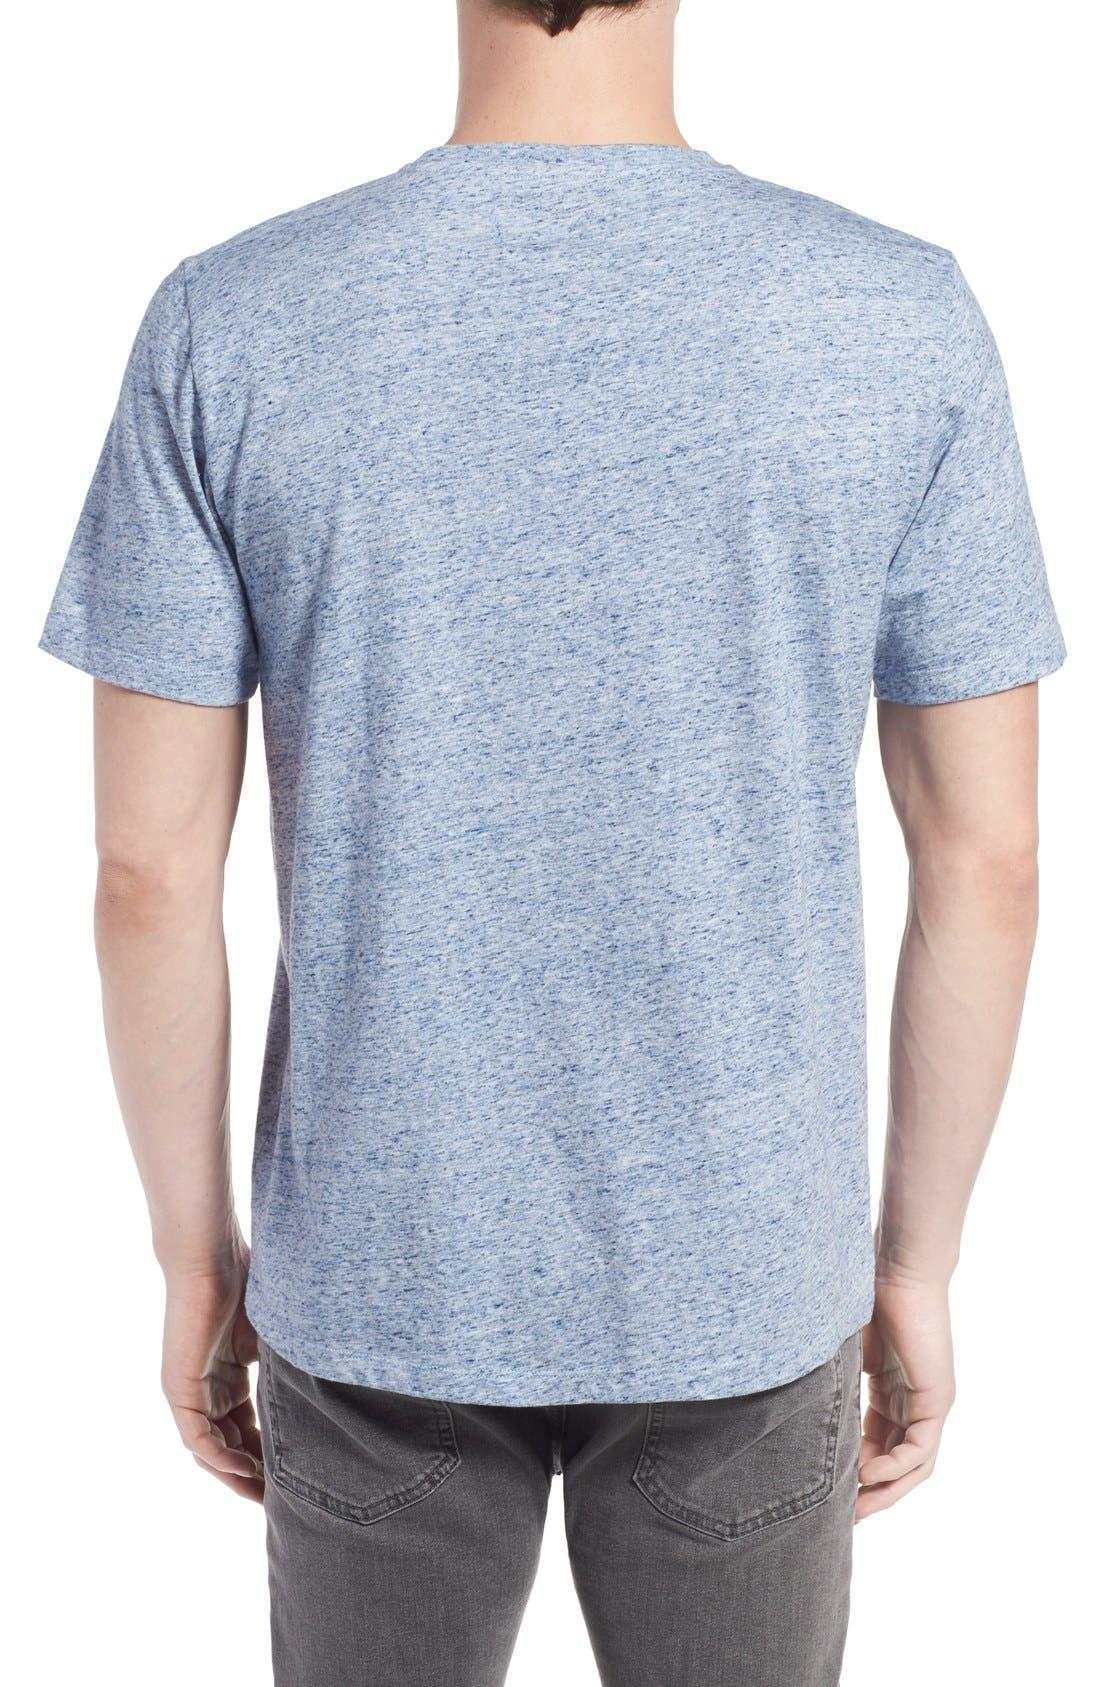 Alternate Image 2  - PRPS 'Catcher' Trim Fit Crewneck T-Shirt